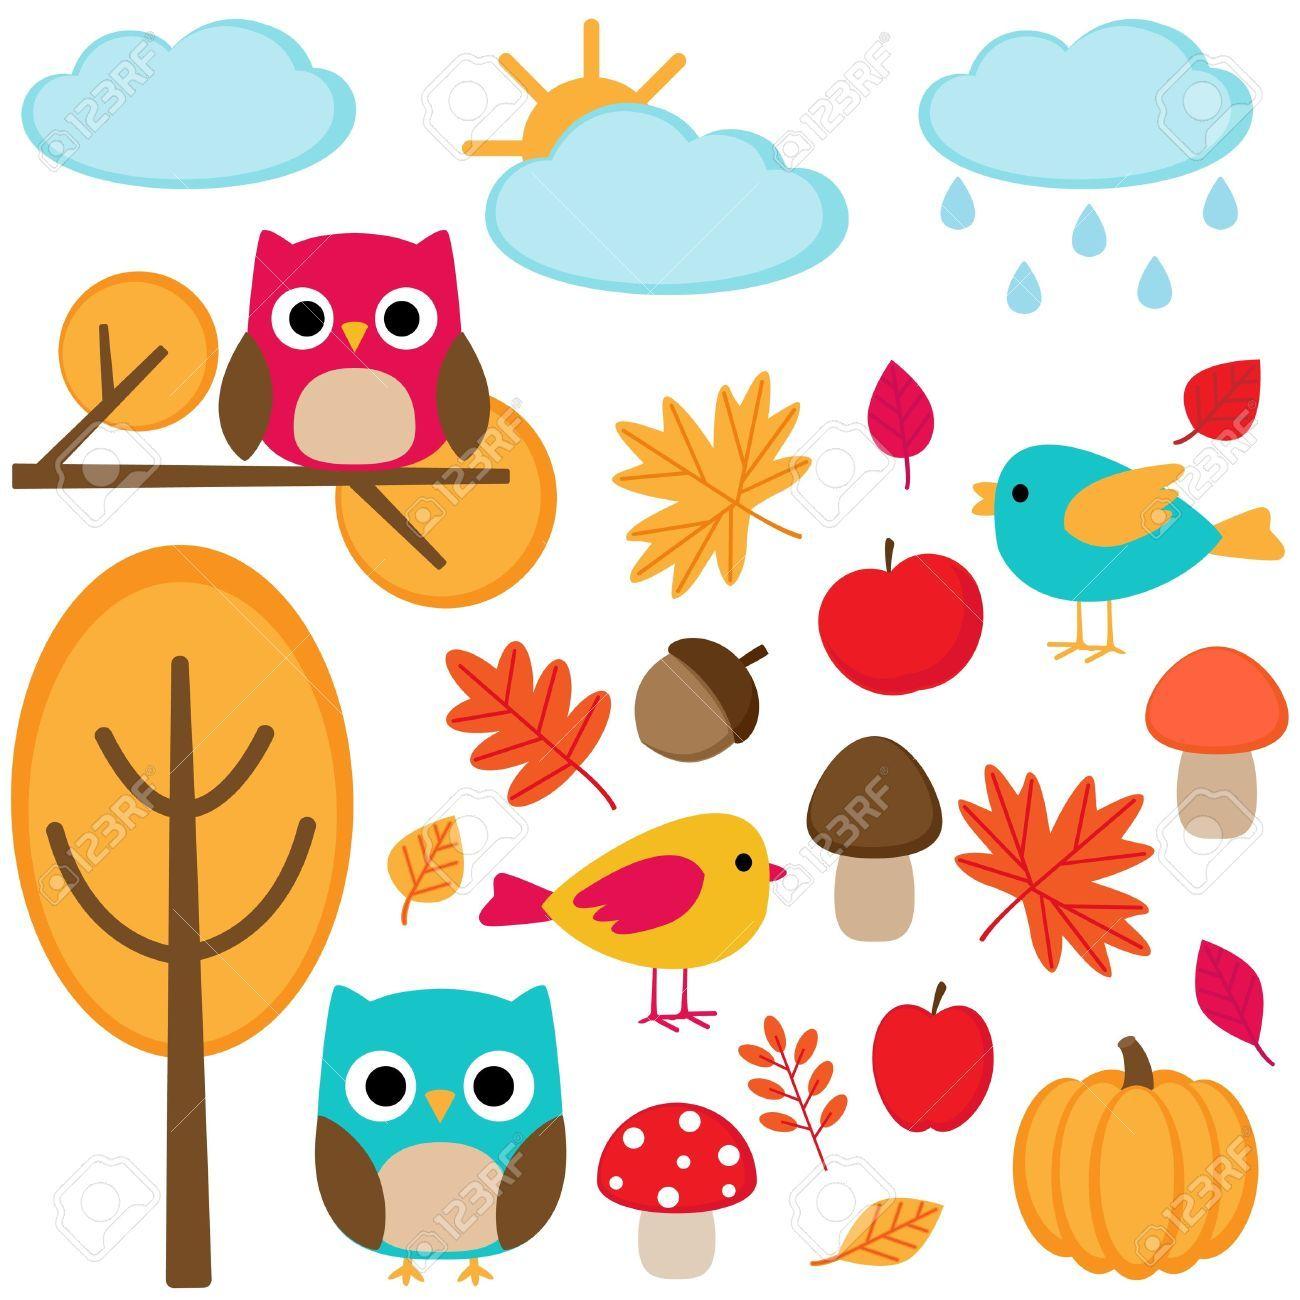 Afficher l 39 image d 39 origine animaux rigolos pinterest dessin automne dessin et arbre - Dessins automne ...